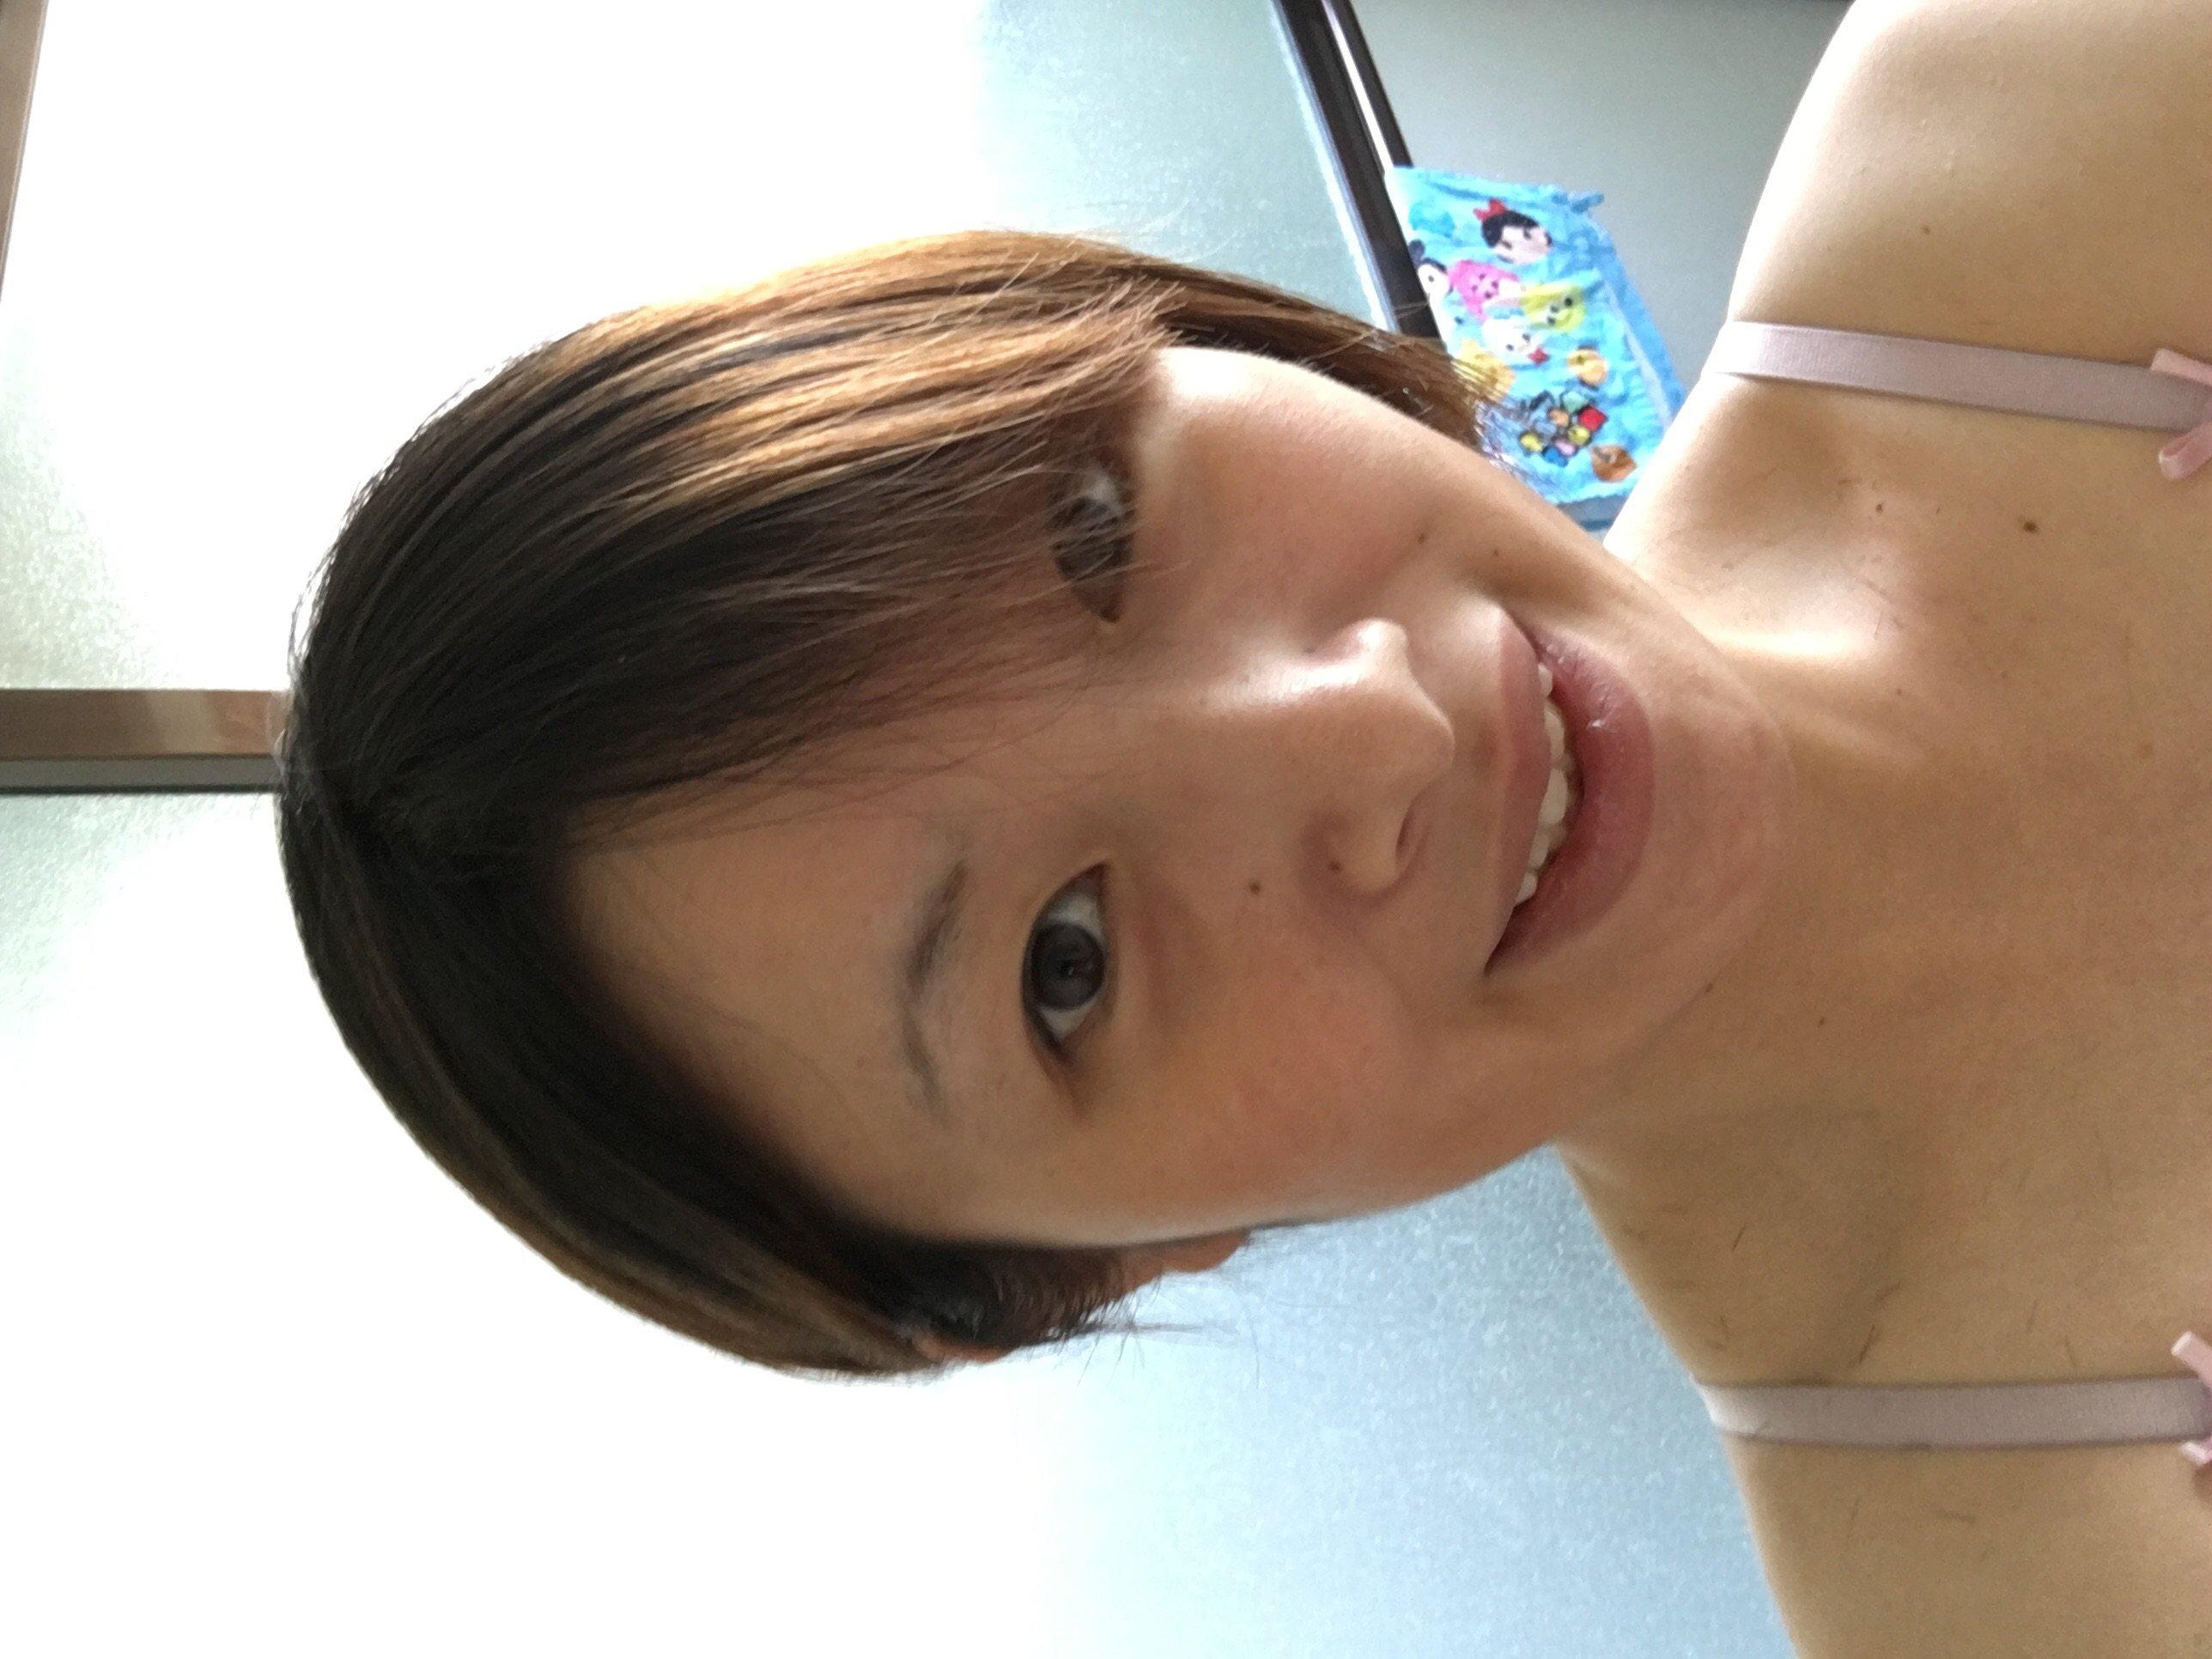 人妻さん日誌:自分で散髪しました(*